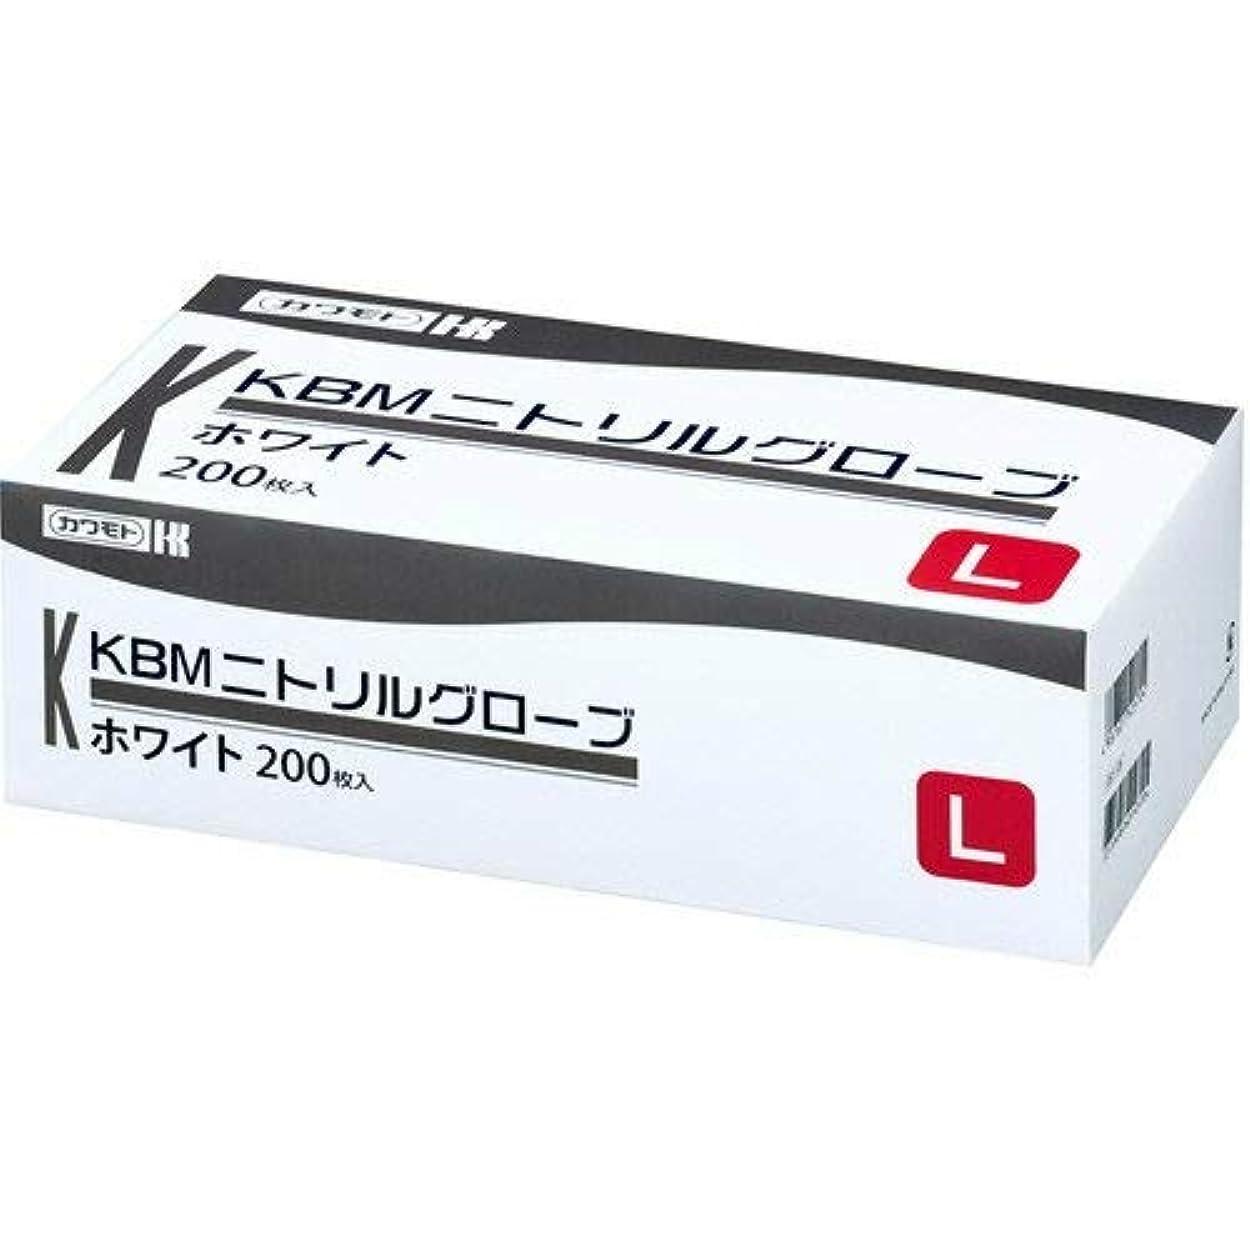 ガスかんたん満たす川本産業 カワモト ニトリルグローブ ホワイト L 200枚入